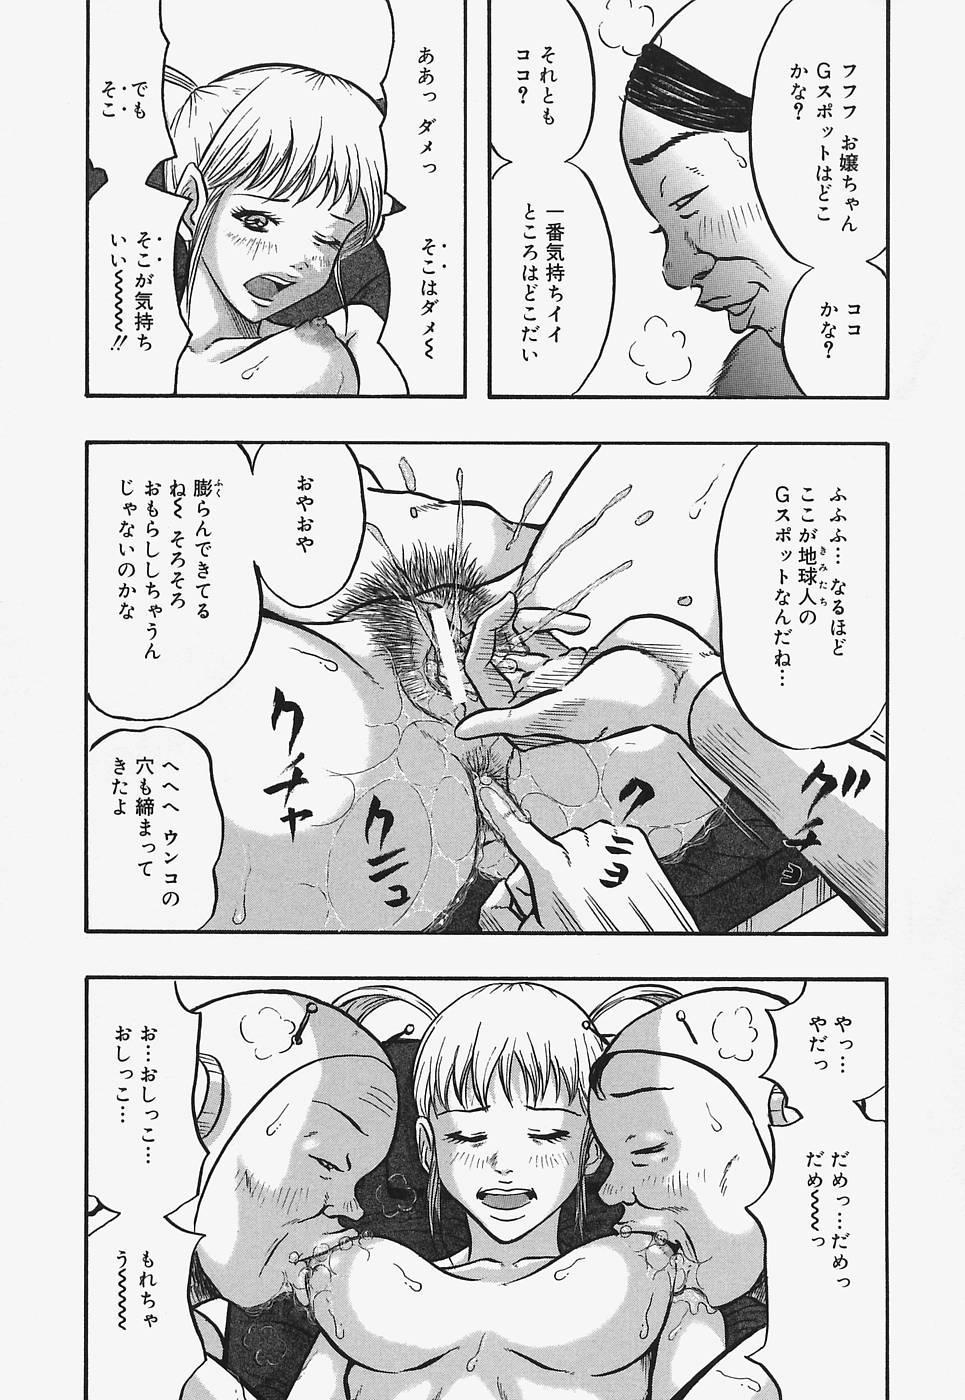 Nurunuru Syoujyo Jiru 140